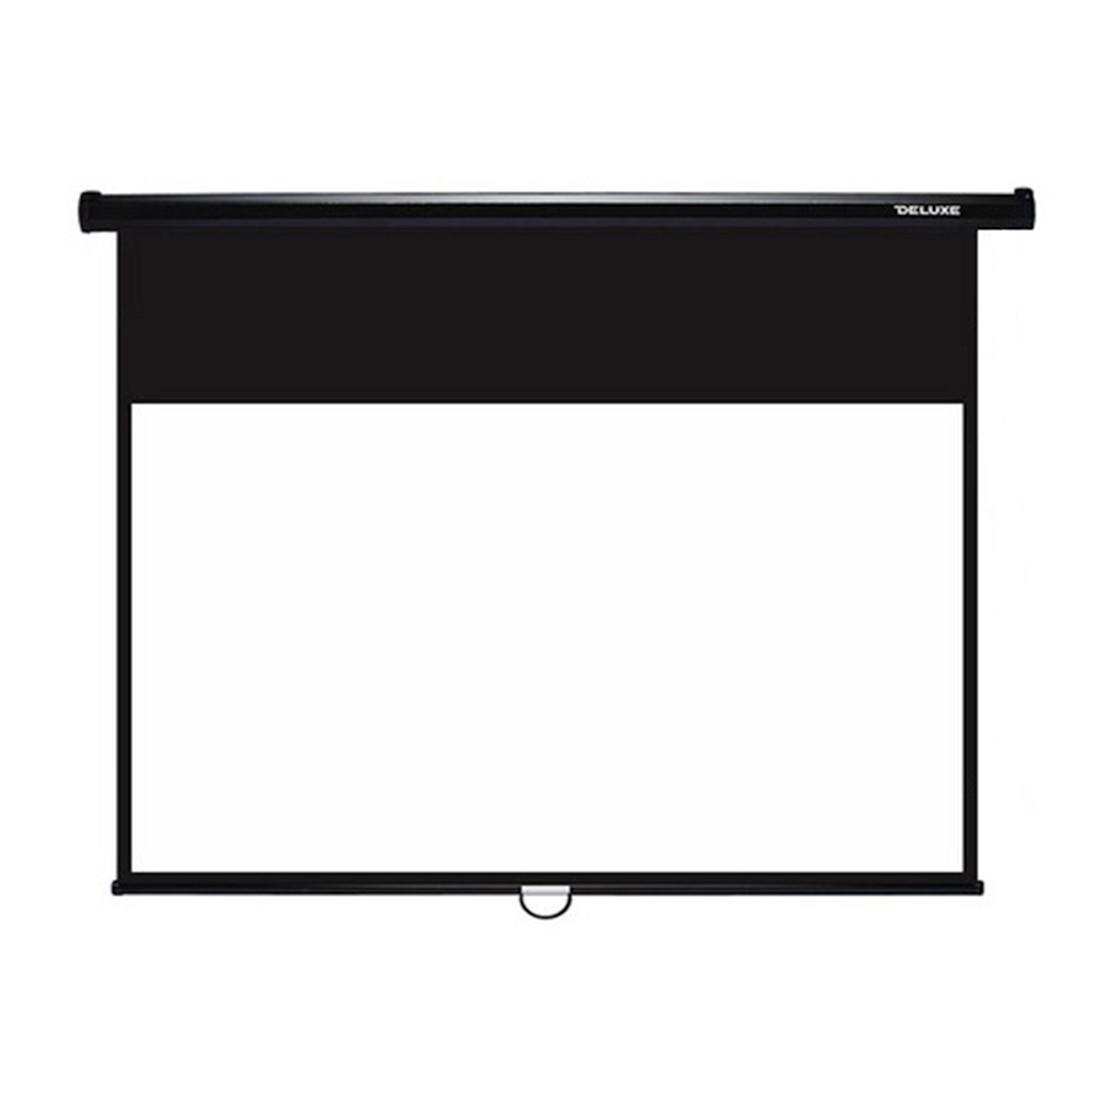 Экран Deluxe DLS-M229-185 (DLS-M229-185)